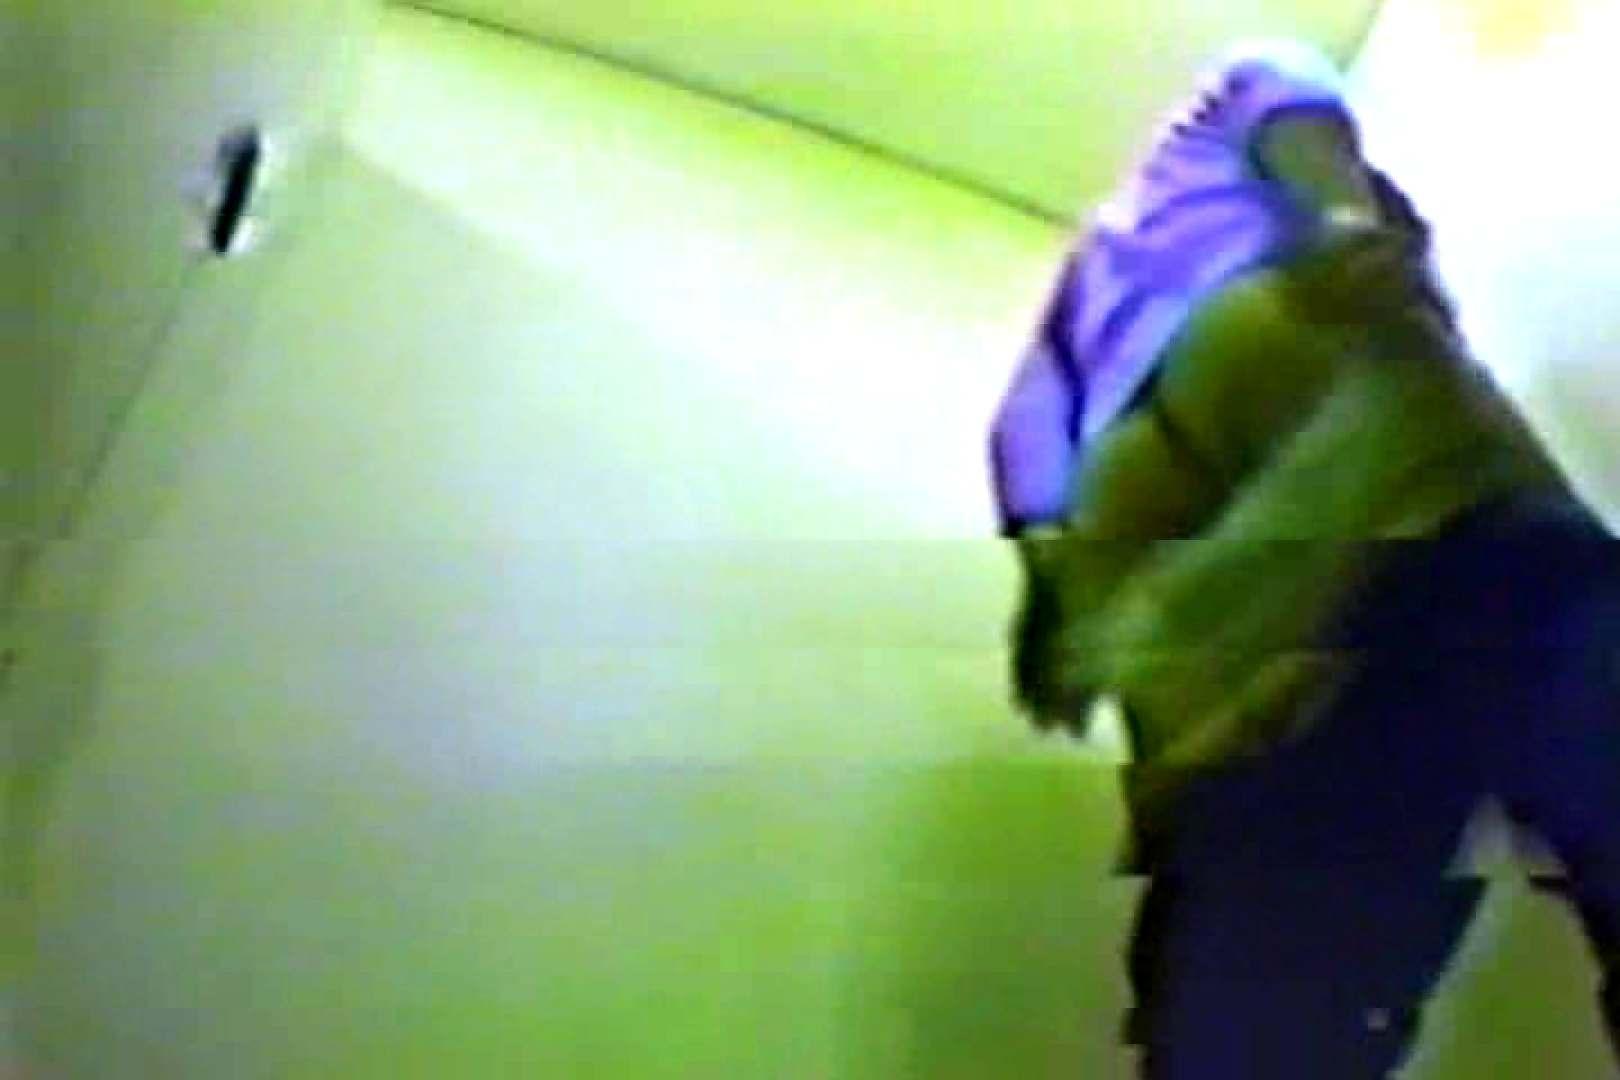 個室狂いのマニア映像Vol.1 おまんこ無修正 | 洗面所はめどり  95画像 88